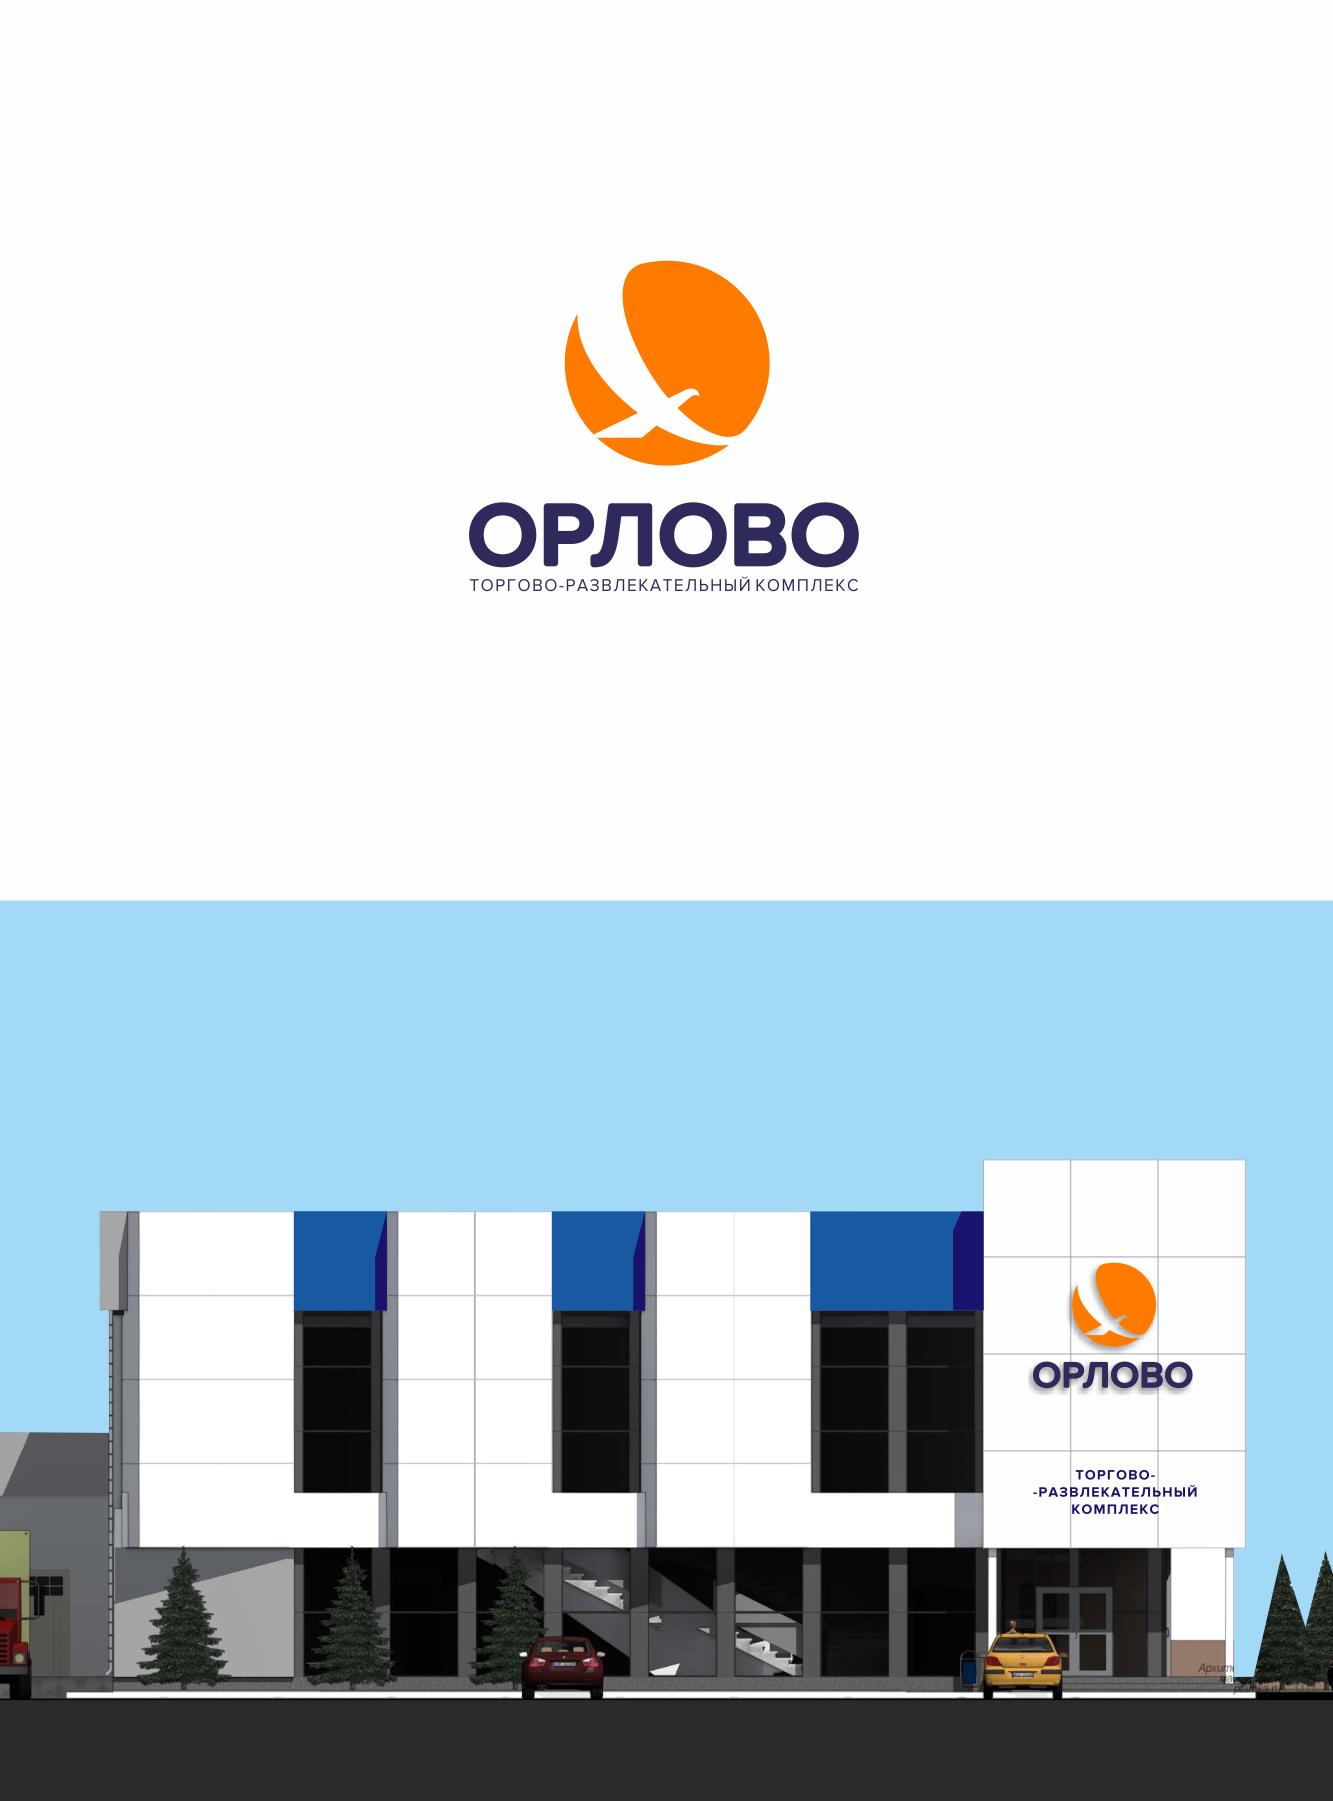 Разработка логотипа для Торгово-развлекательного комплекса фото f_6485969af2a5a150.png